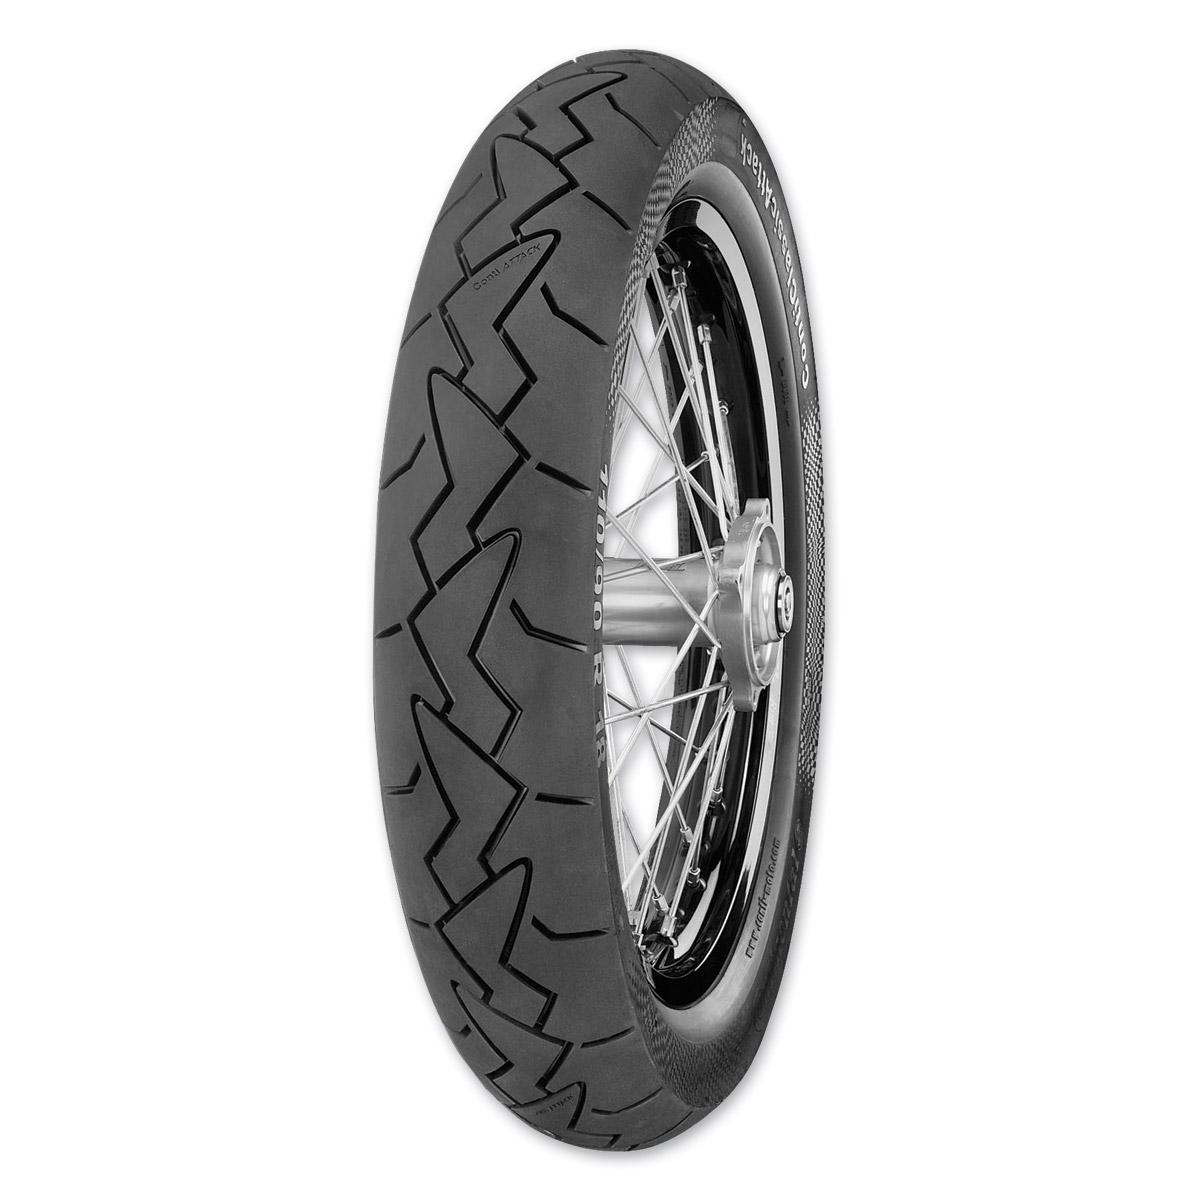 Continental Classic Attack 120/90VR18 Rear Tire